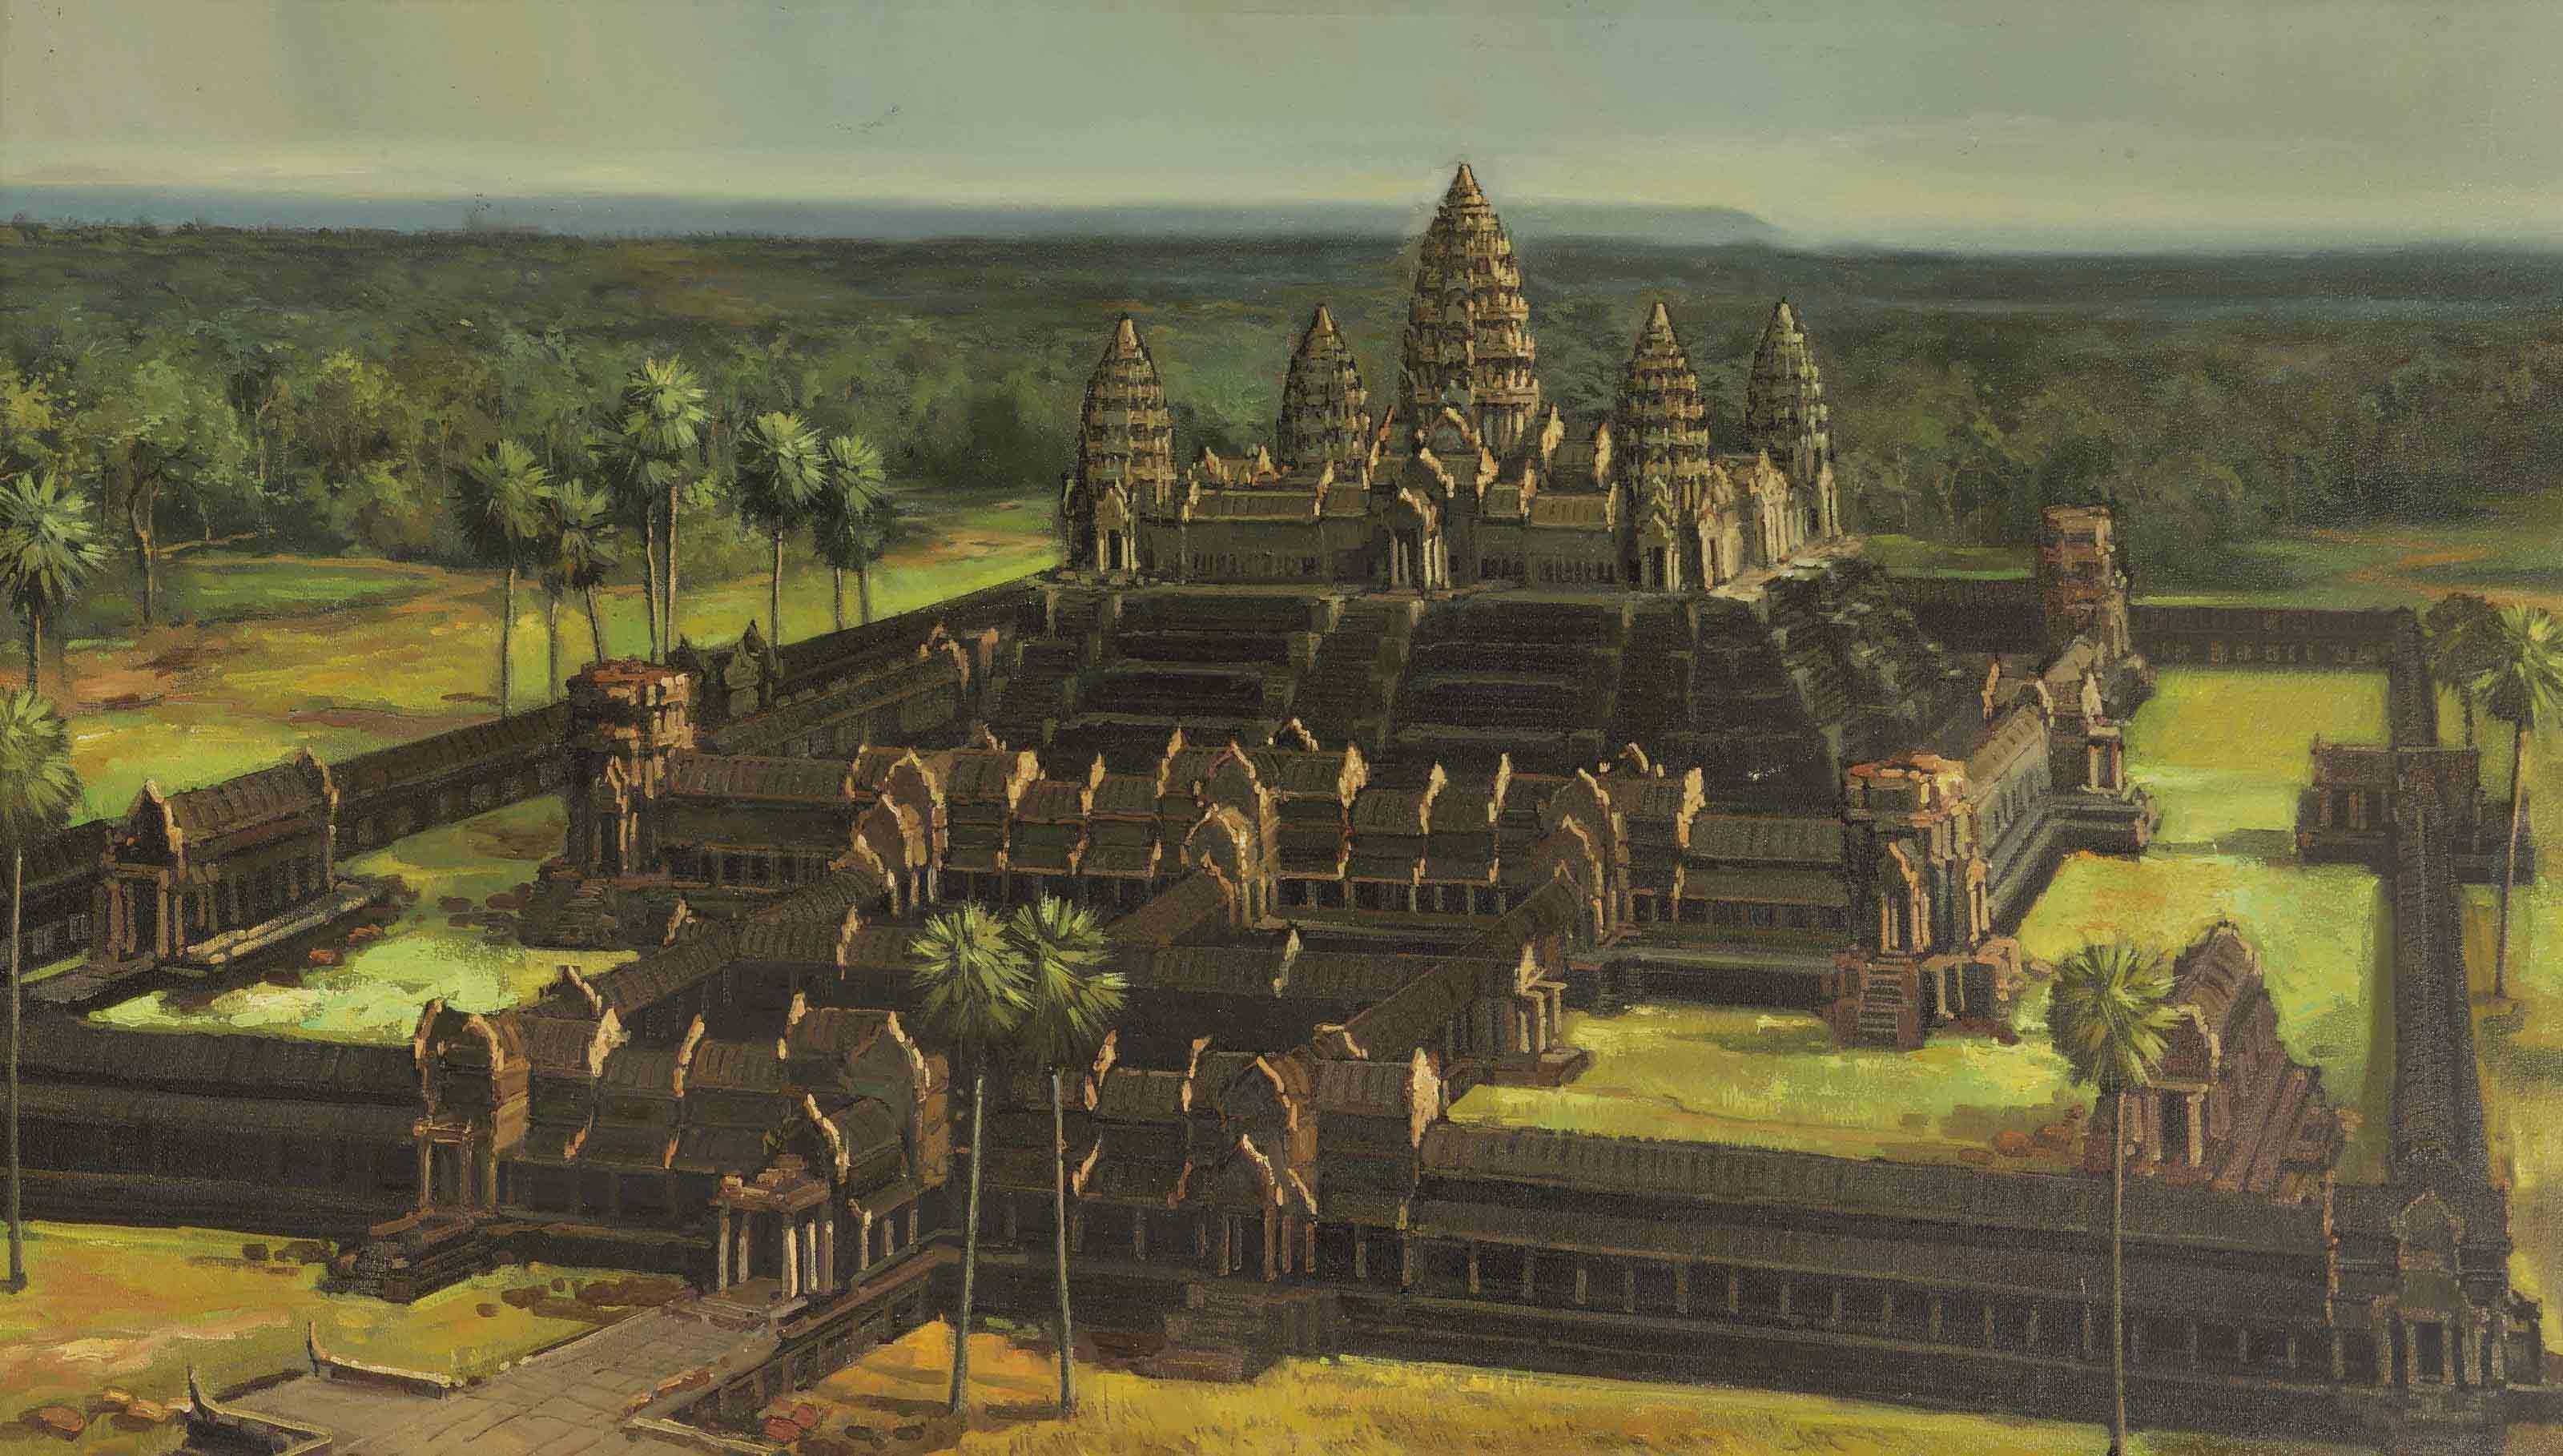 Angkorwat, Kambodscha